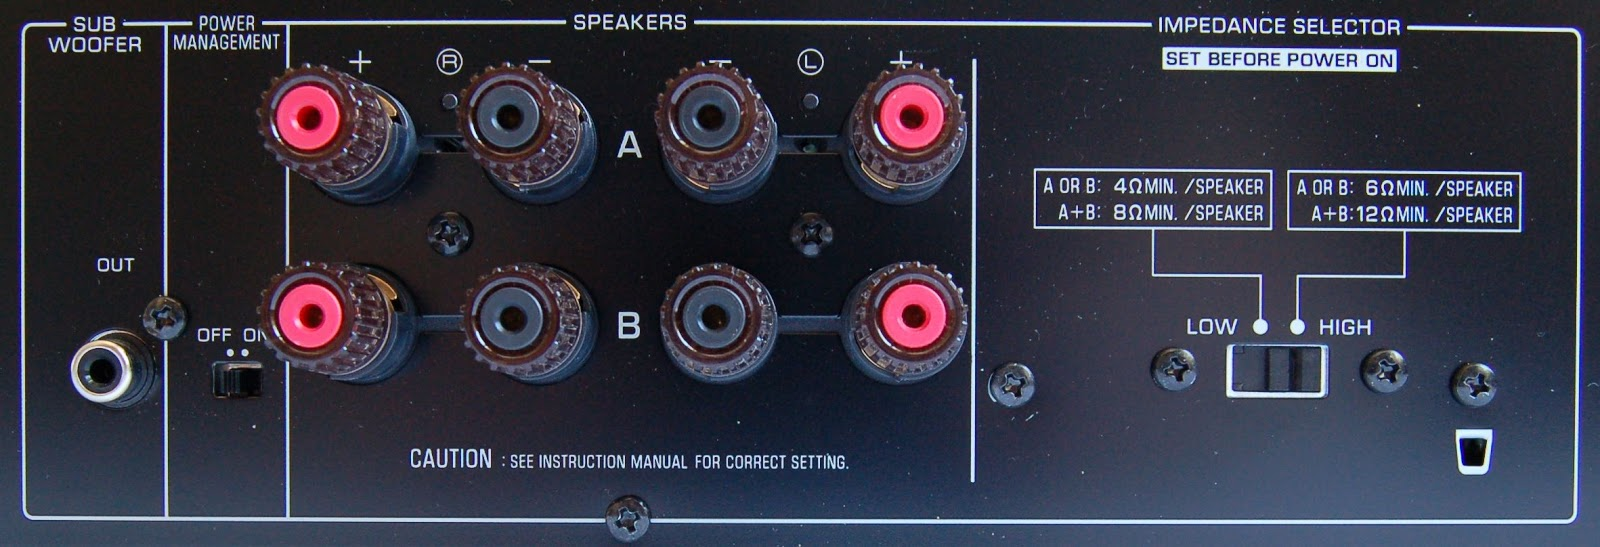 Yamaha Speaker Impedance Setting